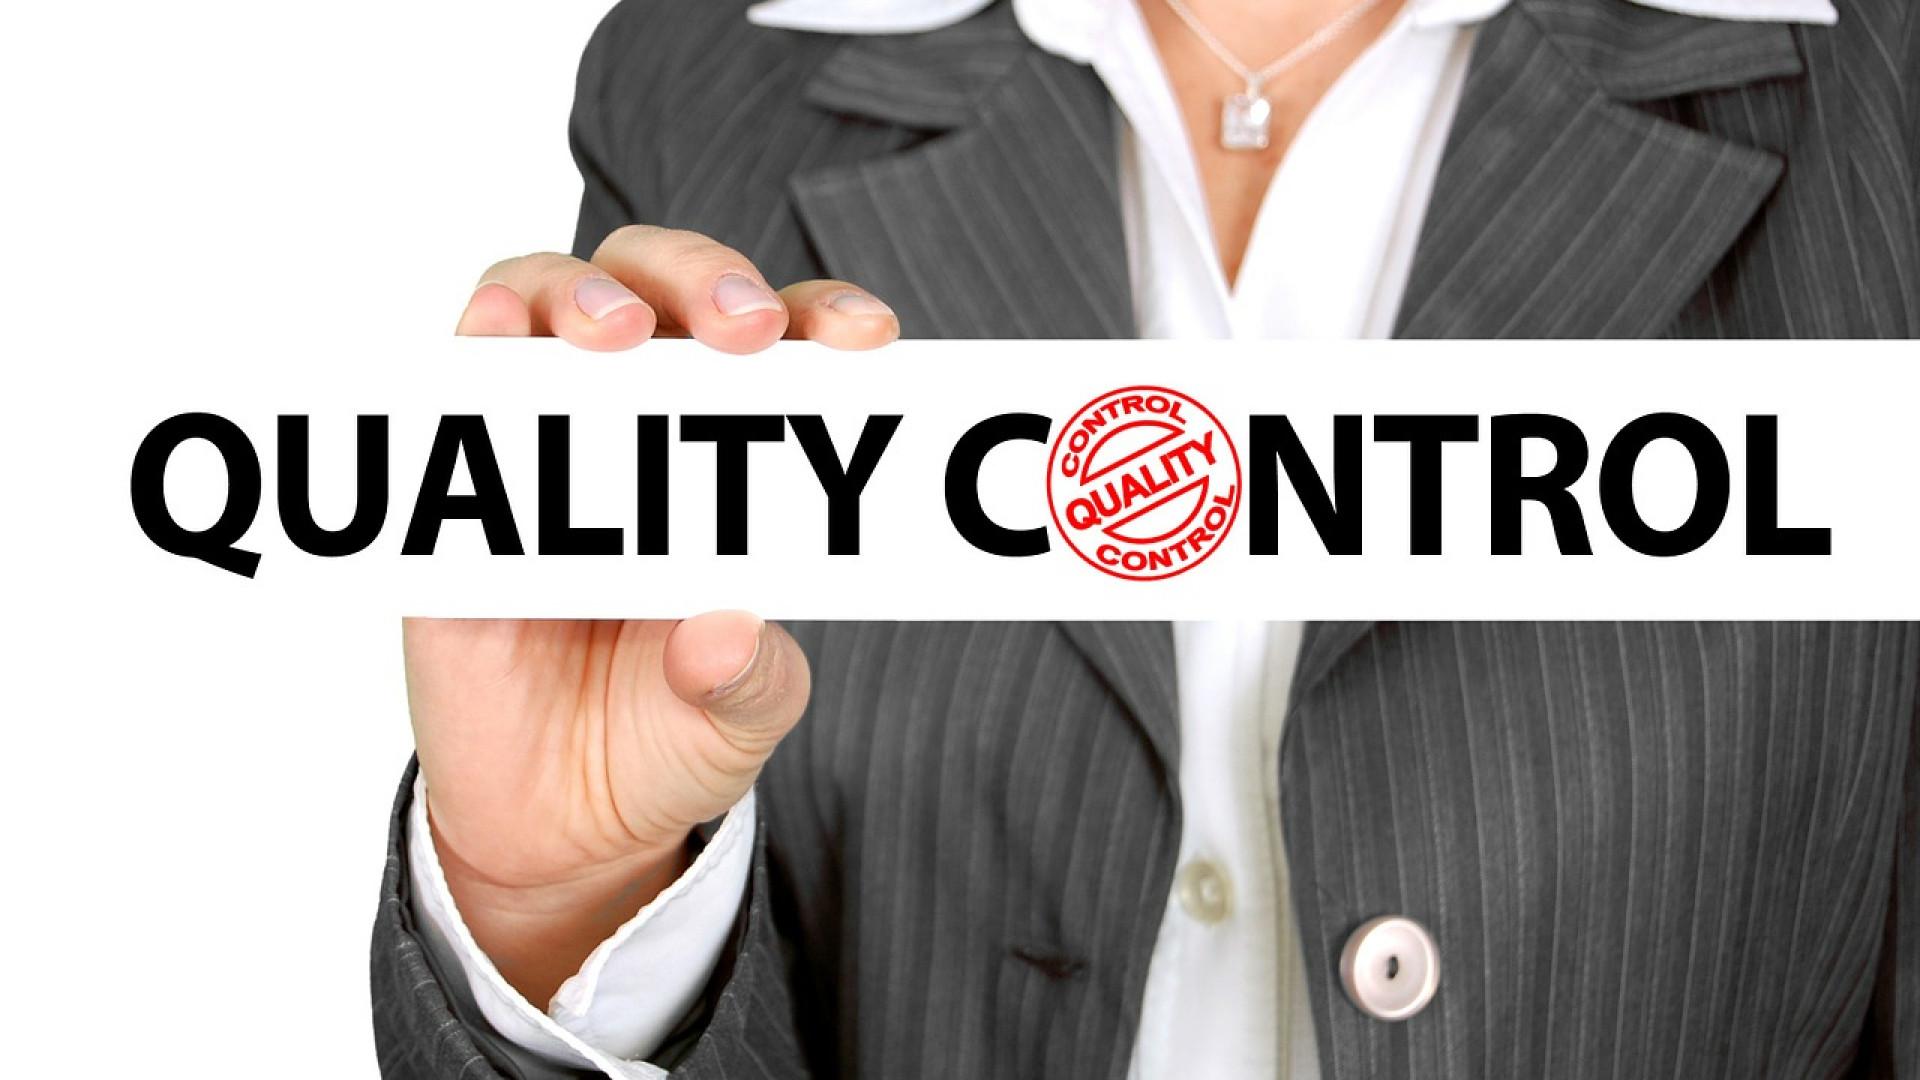 Mettre en place une certification ISO grâce à ce professionnel